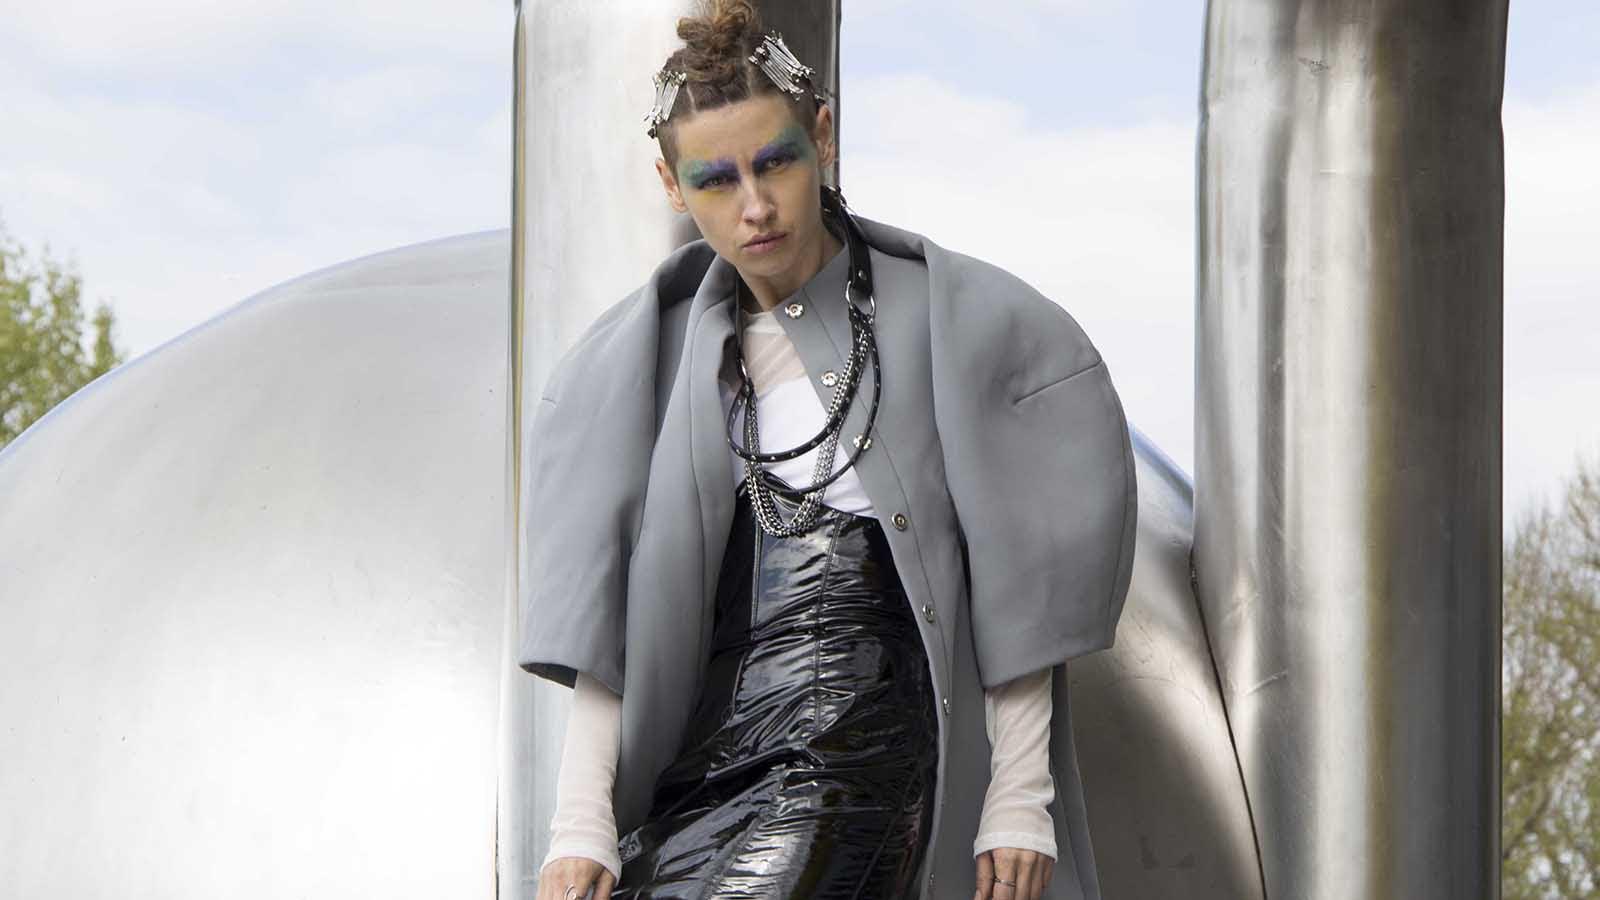 Avocational level course in Fashion Visual Merchandising – Курс по визуальному мерчендайзингу в сфере моды (8 недель) в США